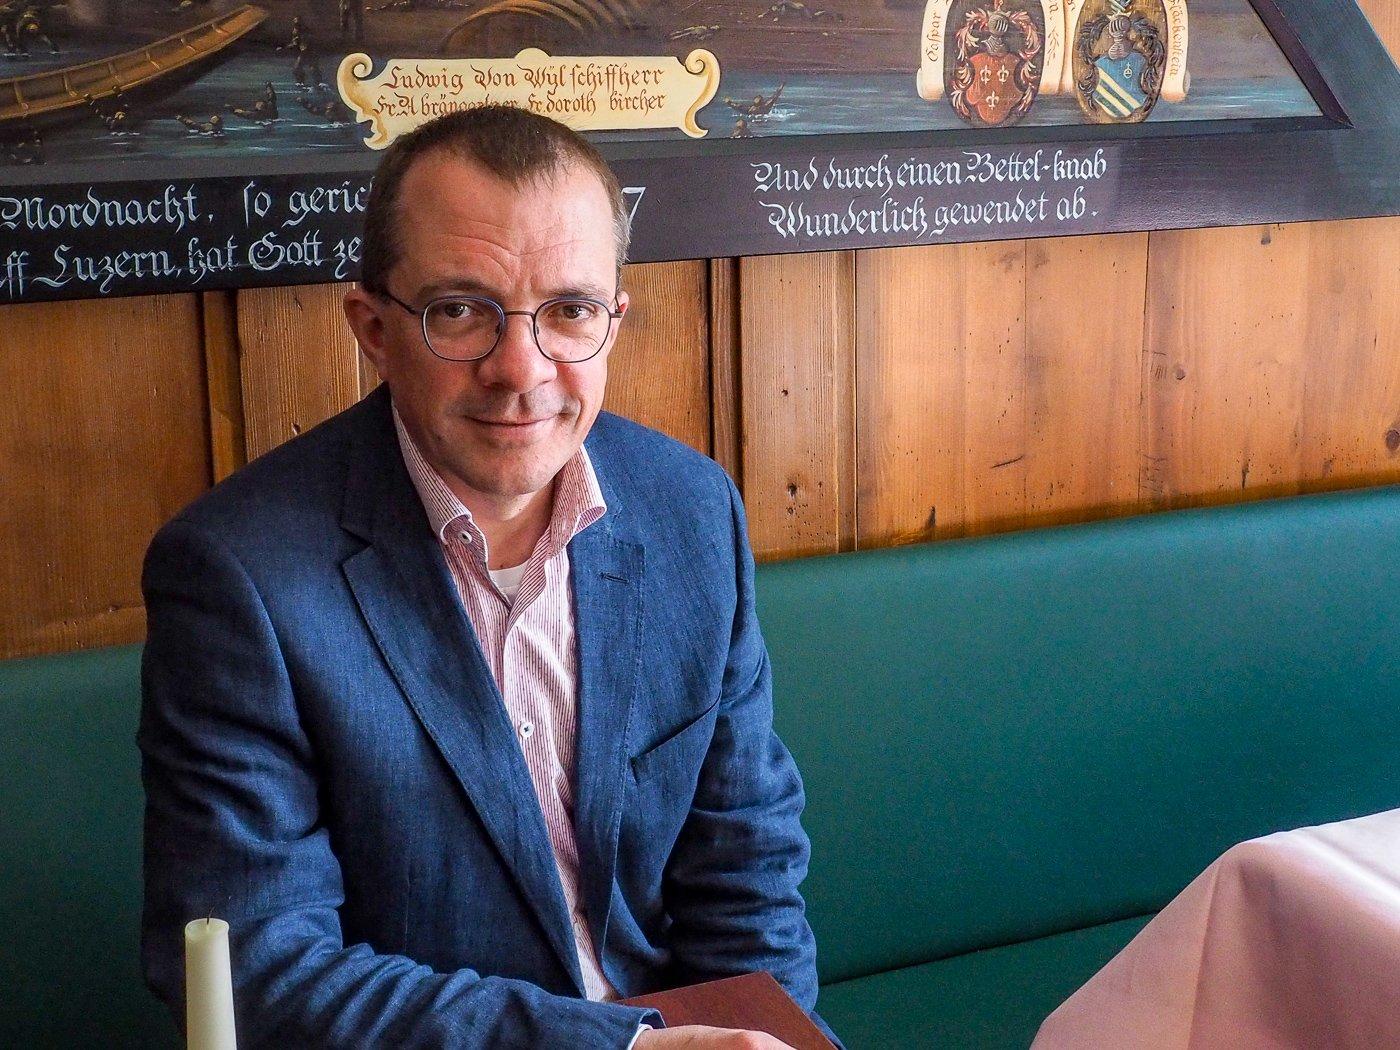 Der Geschäftsführer des Restaurant Schiff Peter Winter arbeitet seit Jahrzehnten in Luzern.